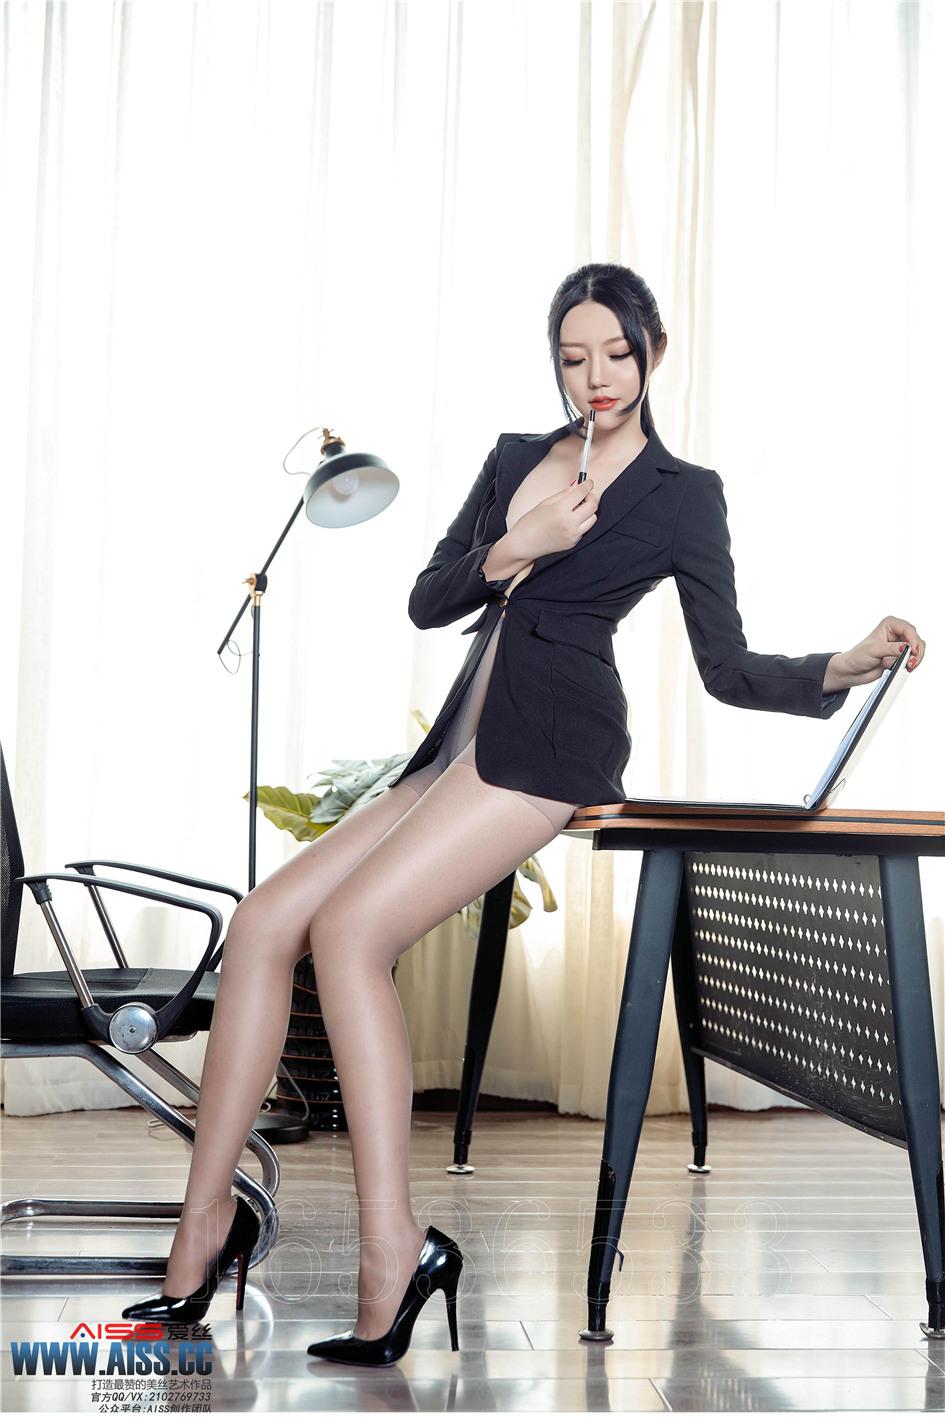 秘书办公室_[爱丝] 性感长腿丝袜女秘书办公室无内诱惑 第143期——乐多女人